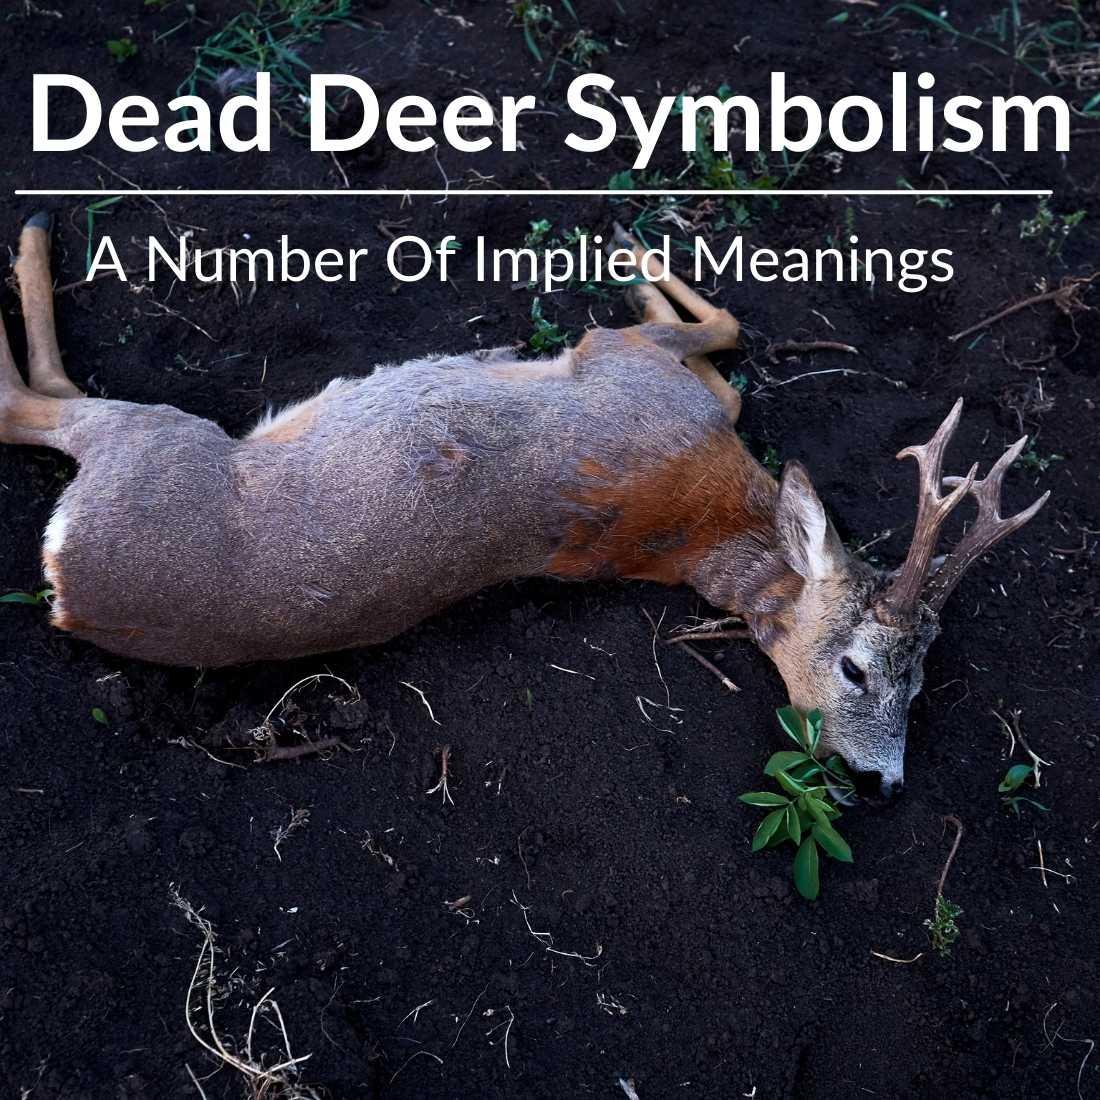 Dead Deer Symbolism